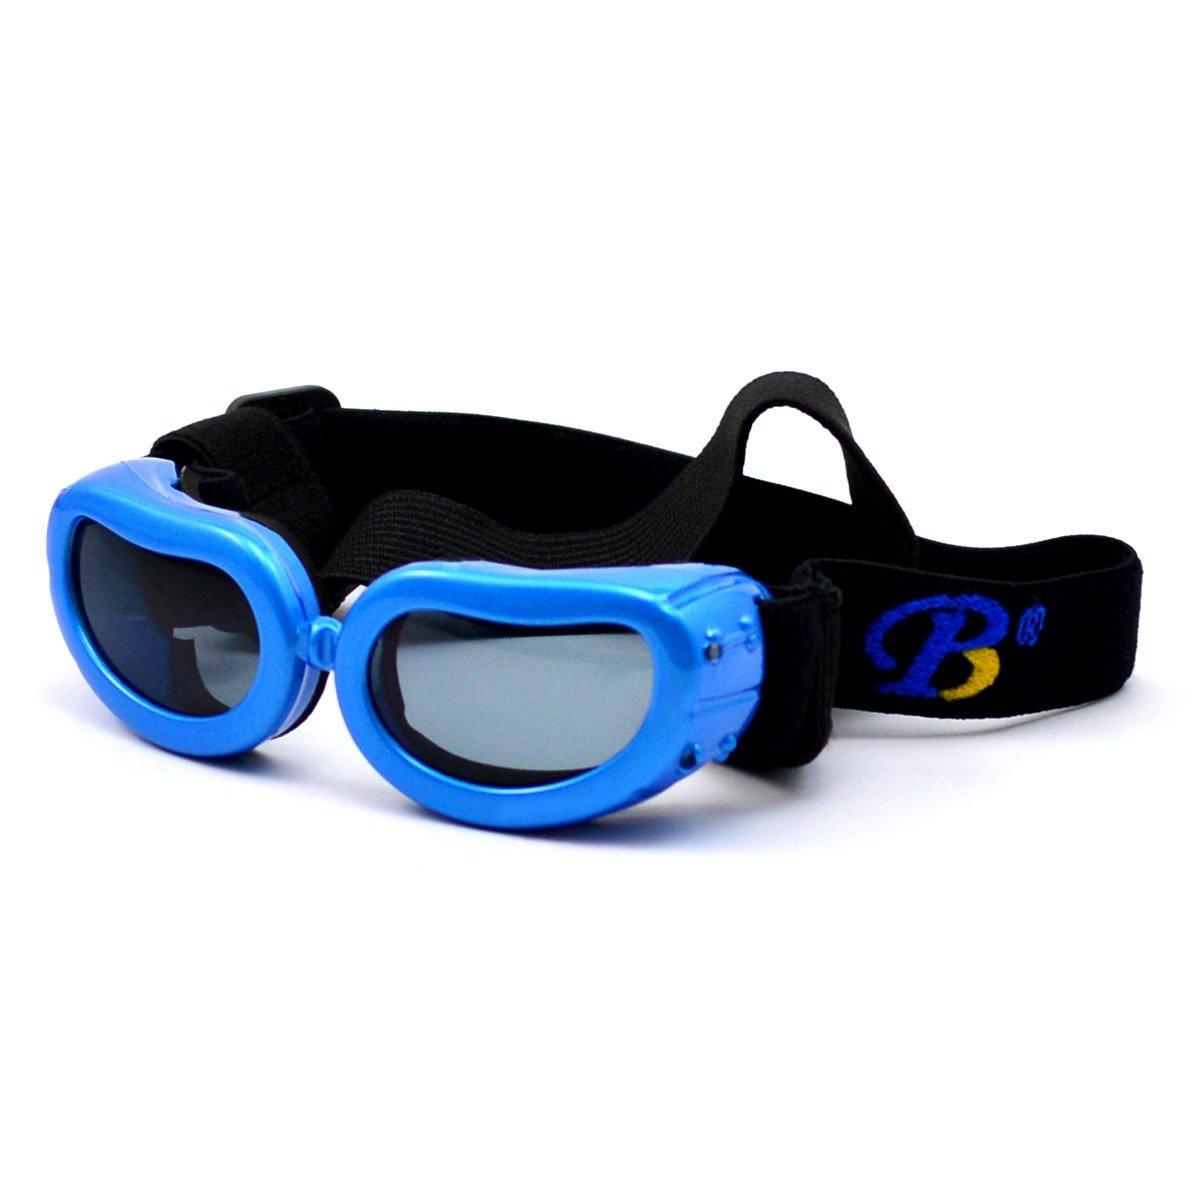 WESTLINK Hund UV Sonnenbrille Brille Sonne schützenden Sonnenbrille mit verstellbarem Schultergurt für Welpen Hund hRtFm